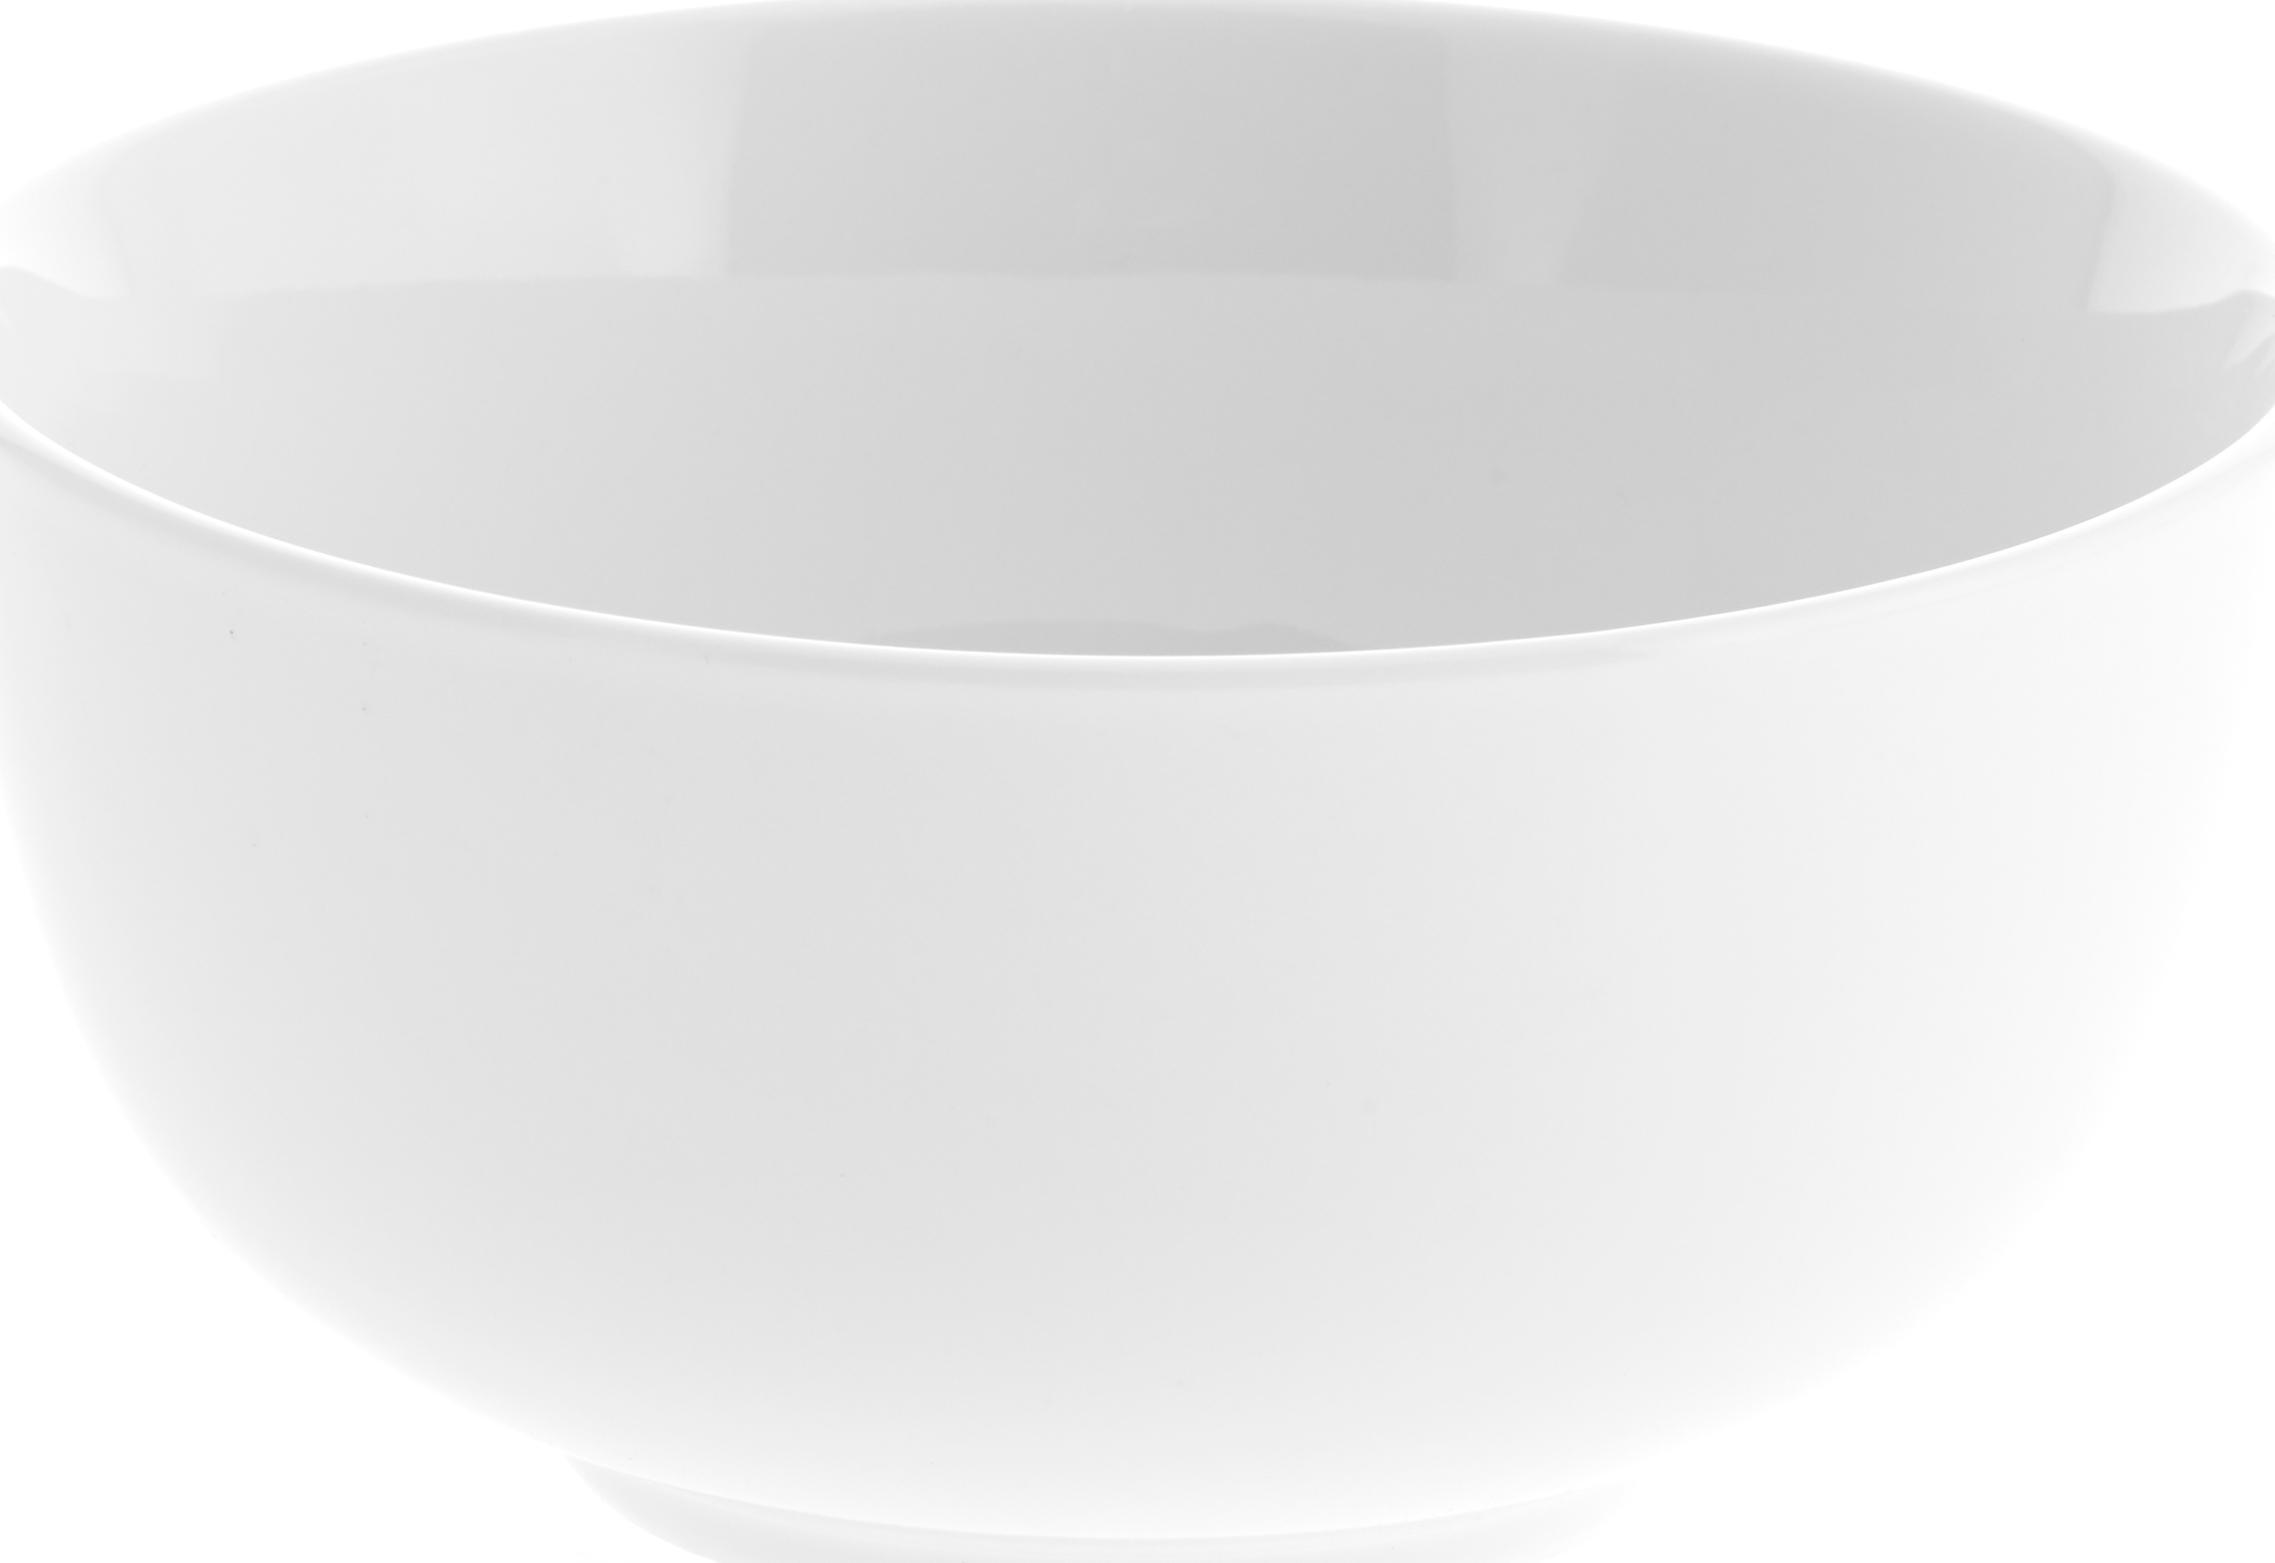 Porzellan-Schälchen Delight in Weiss, 2 Stück, Porzellan, Weiss, Ø 14 x H 7 cm